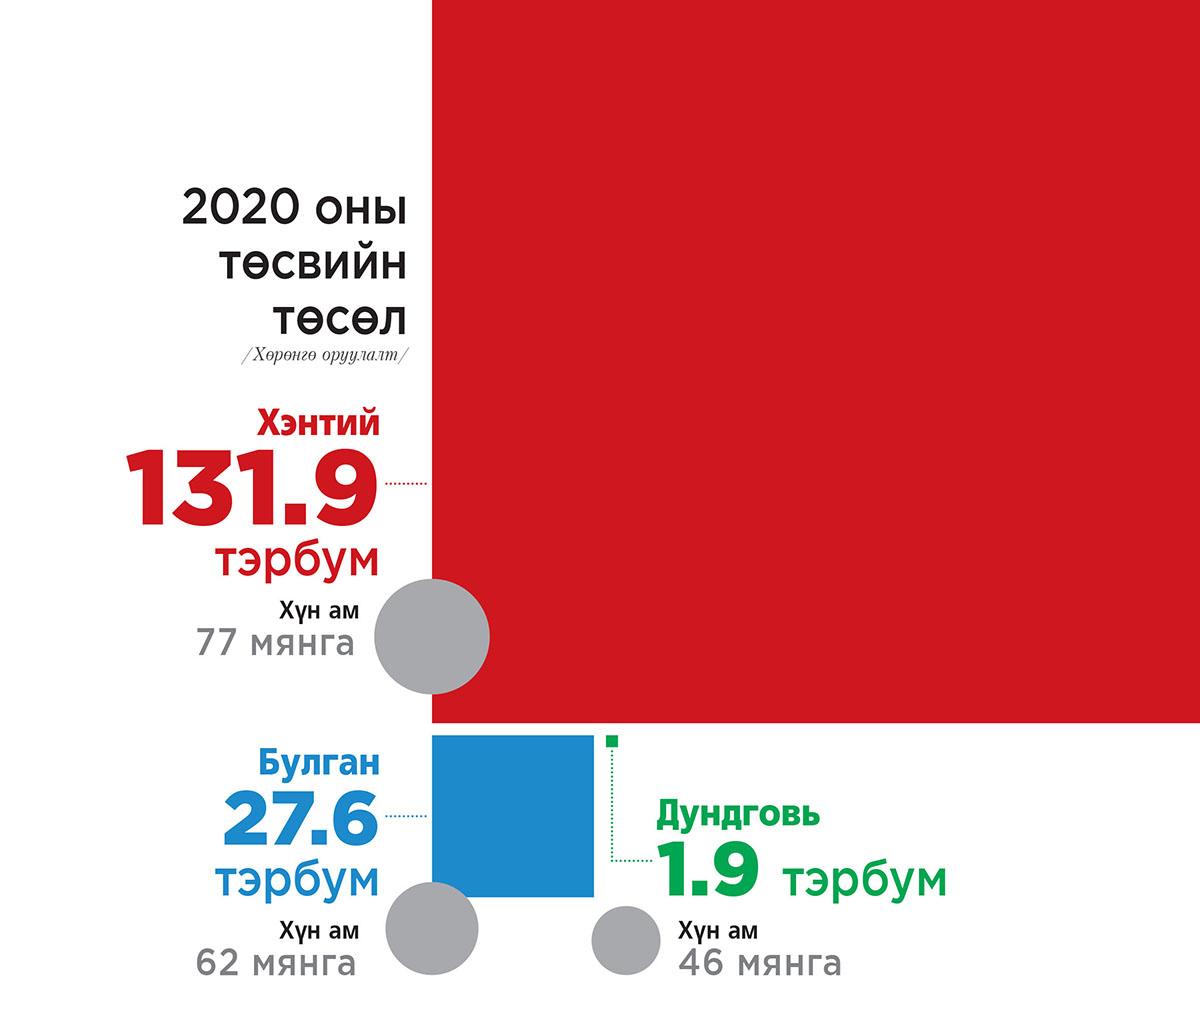 Дундговьд дутуудуулж, Хэнтийд хэтийдүүлсэн 2020 оны төсөв